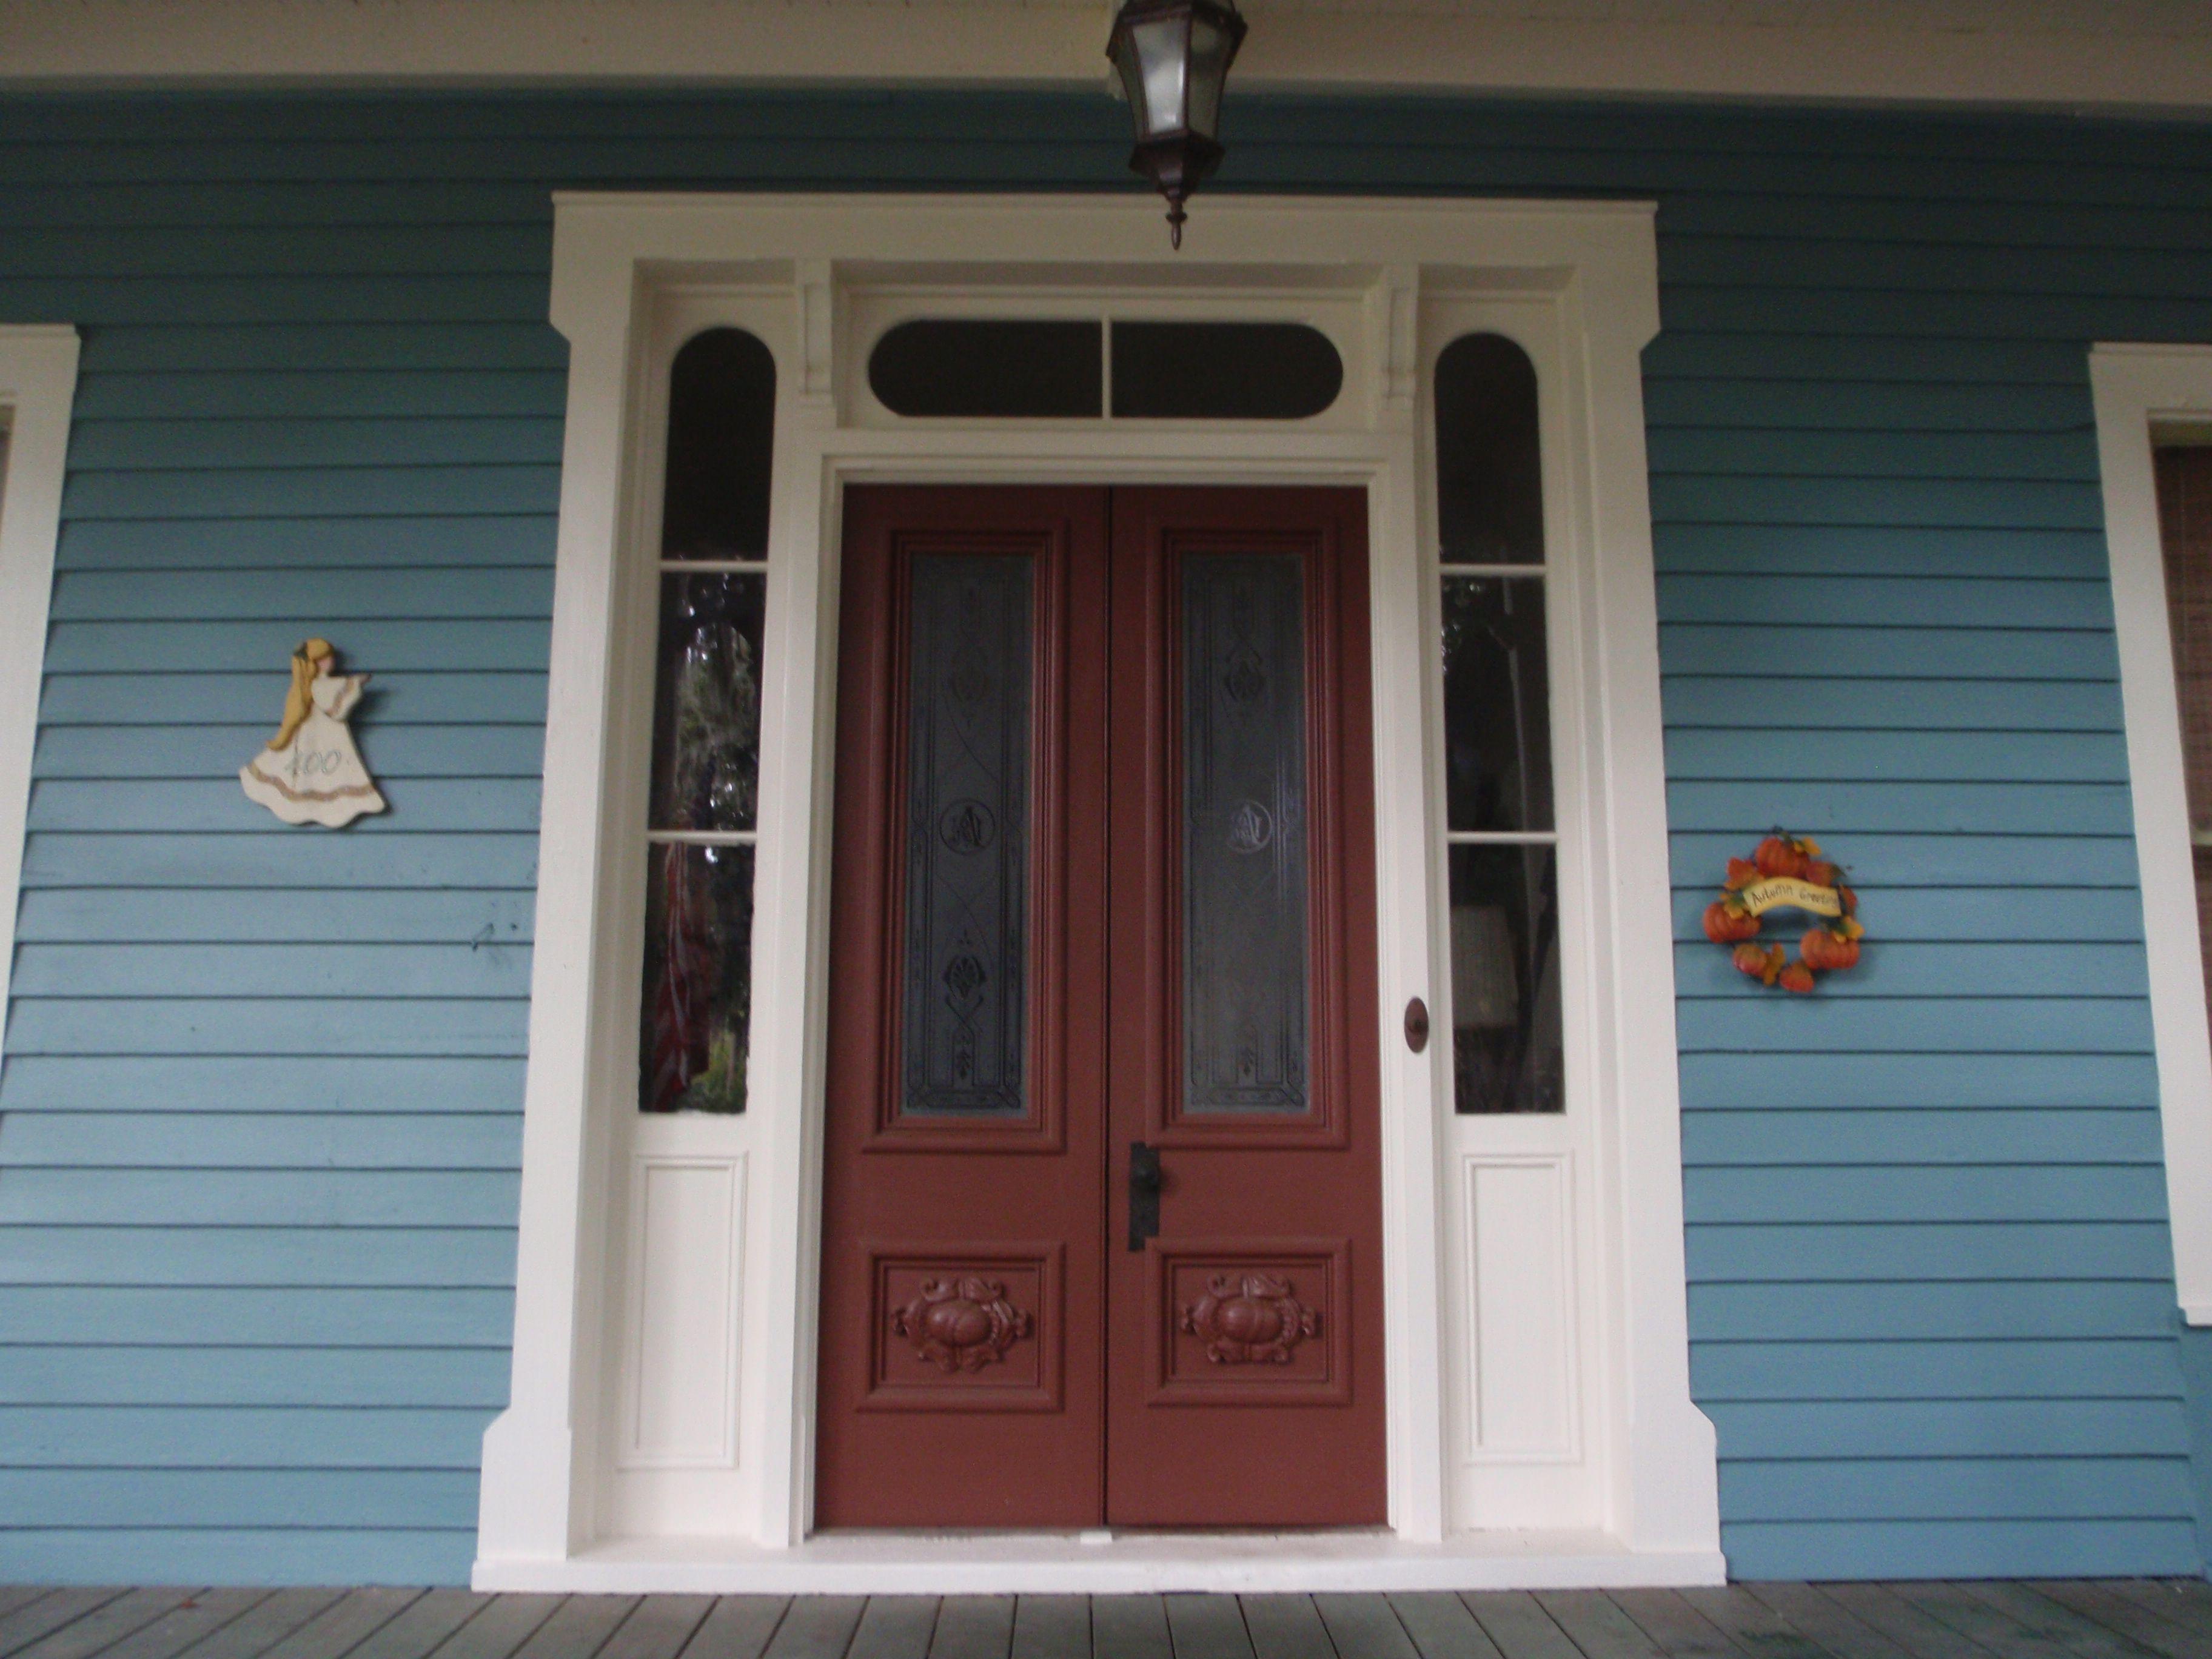 Exterior Double Door Trim enchanting white front door trim for double swing half glass brown